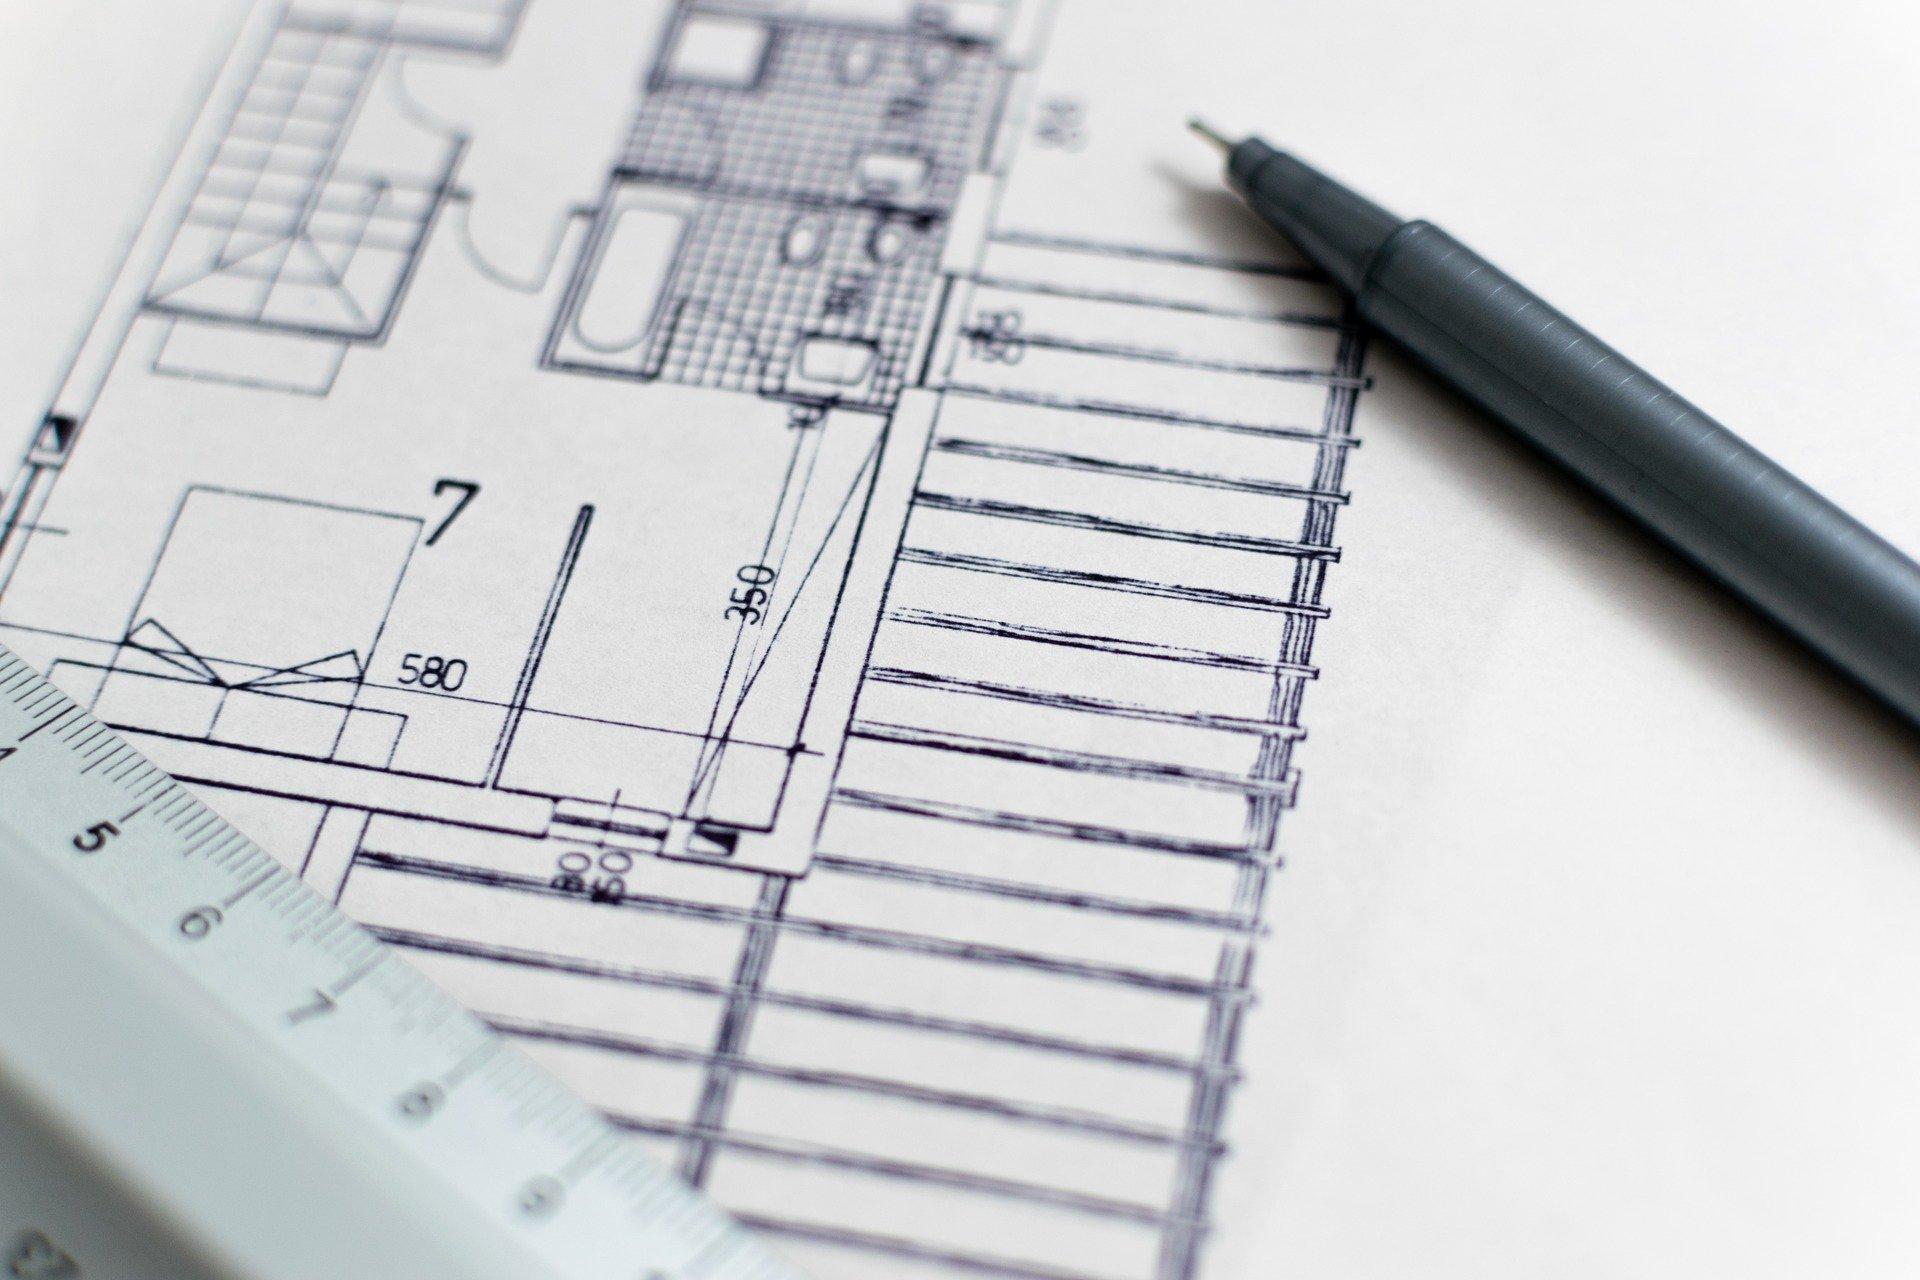 Gestión de su proyecto Inmobiliario